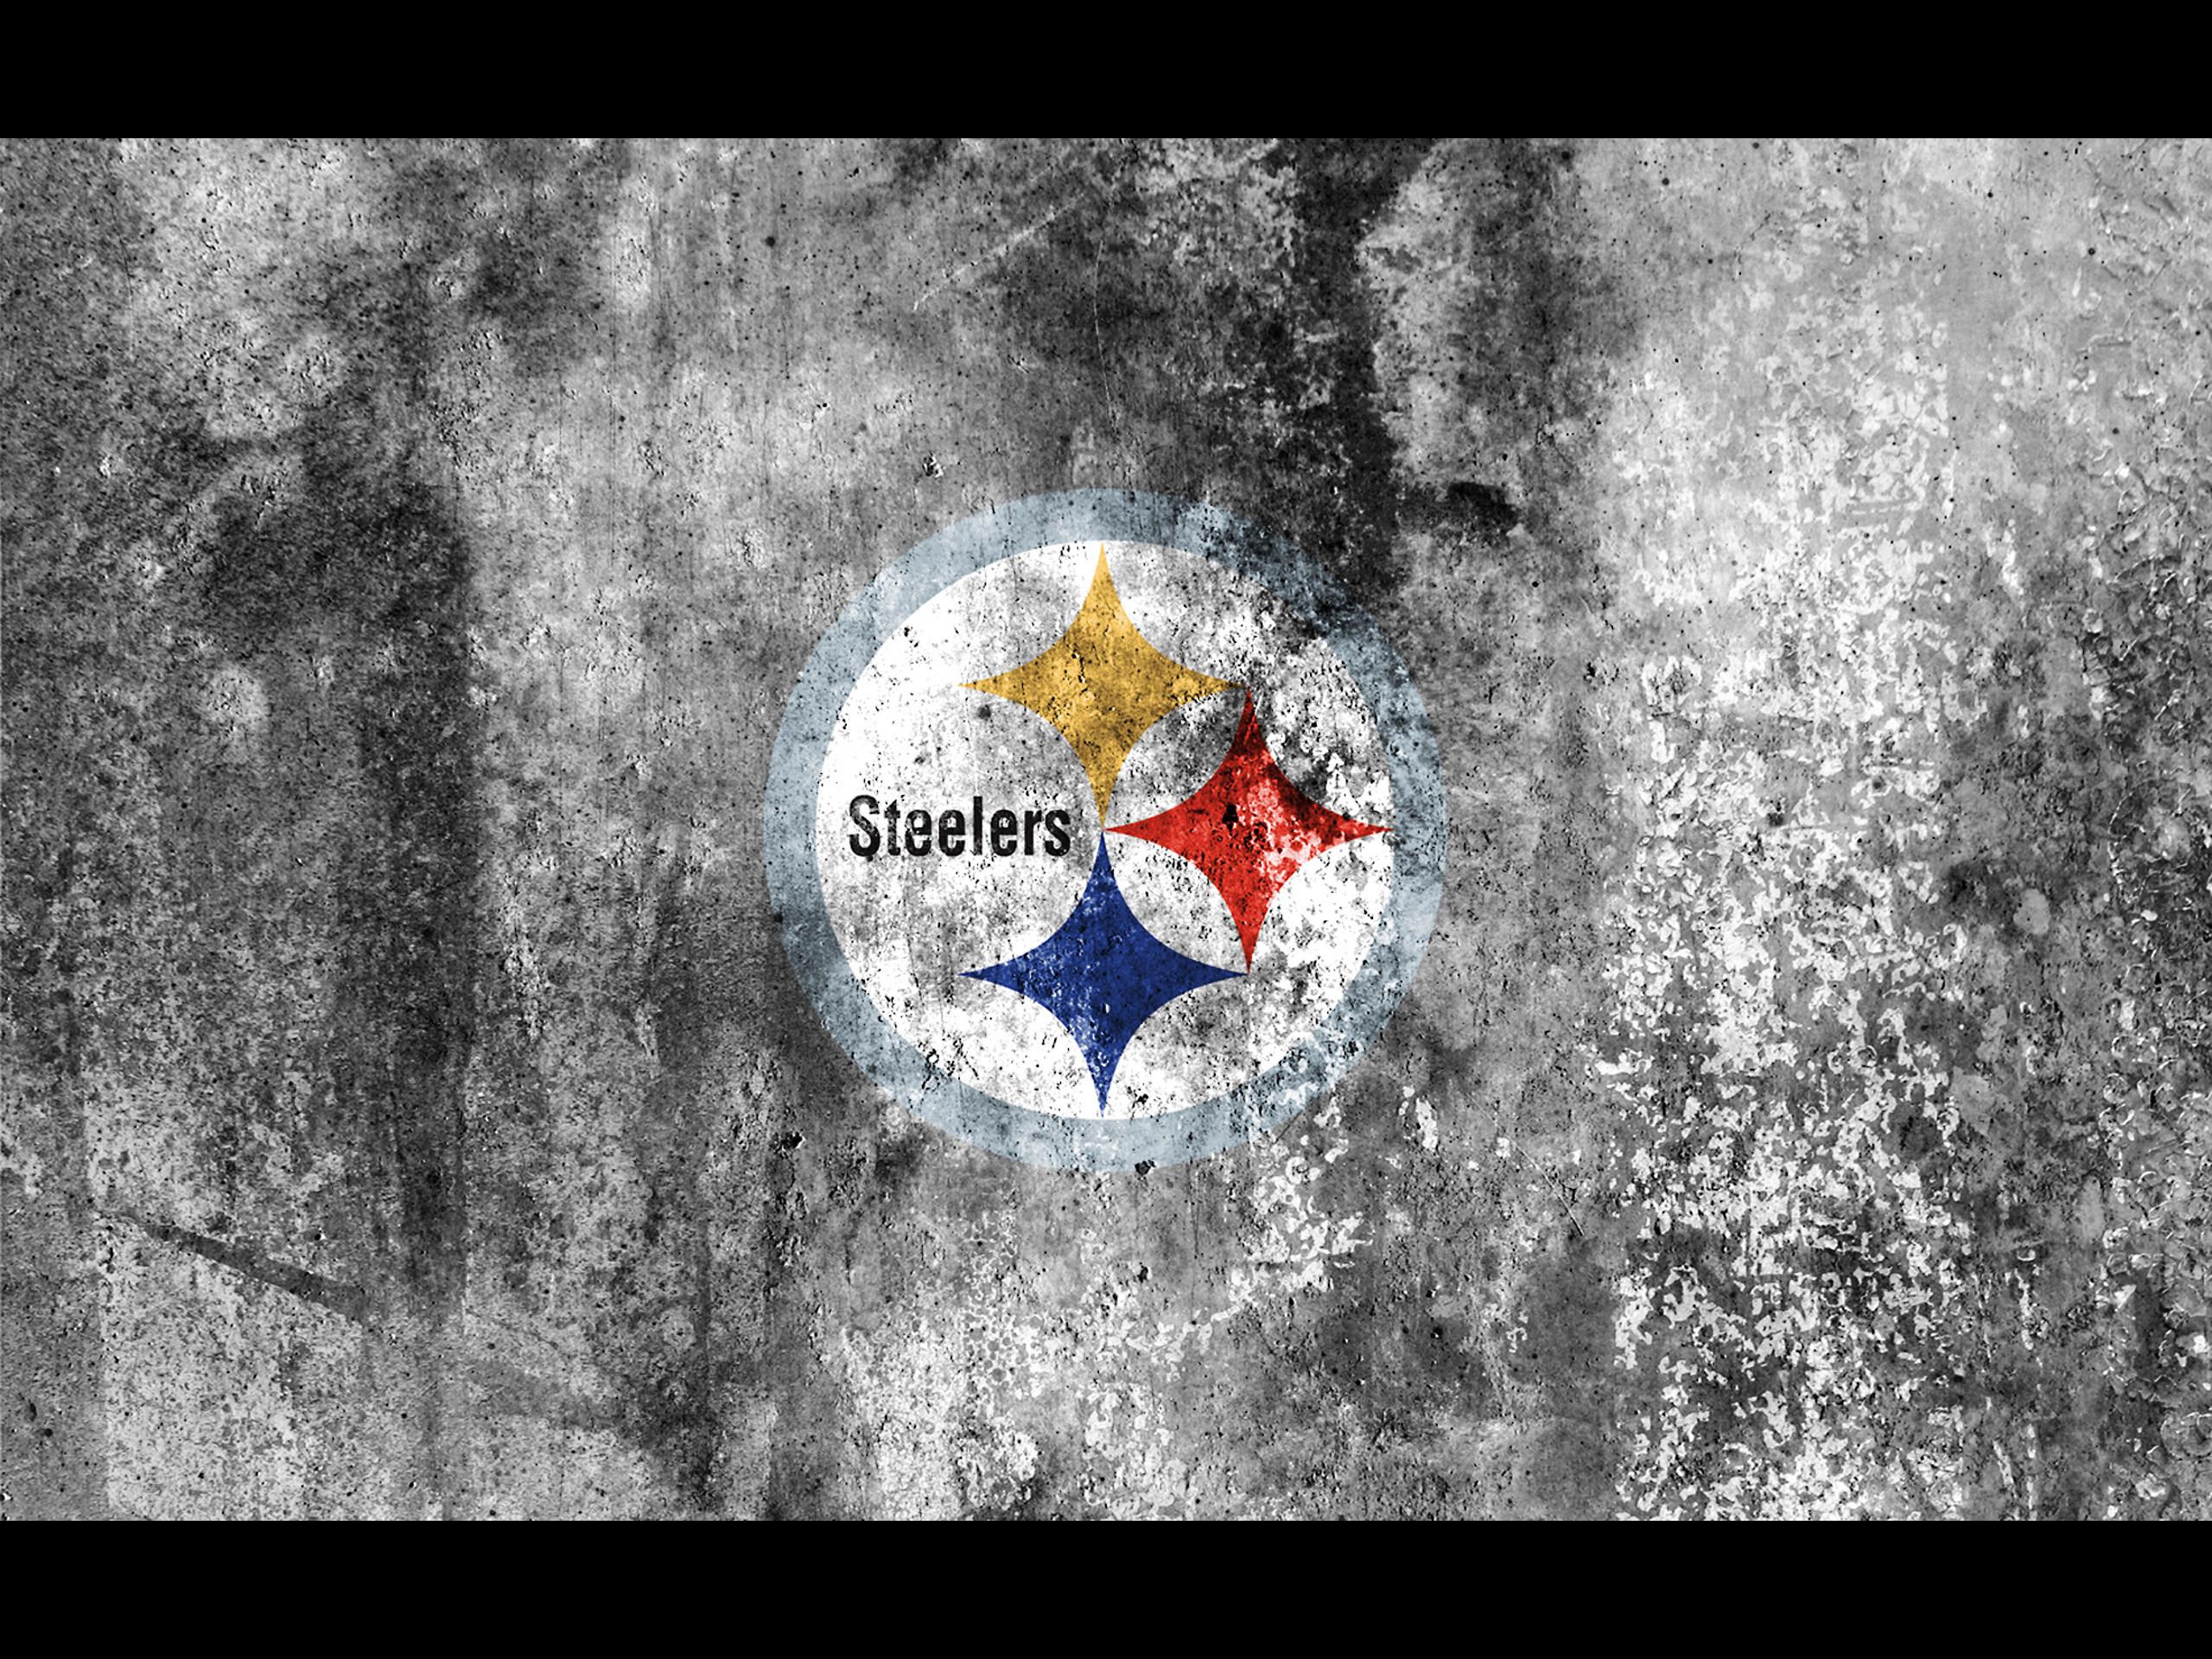 PITTSBURG STEELERS nfl football ek wallpaper